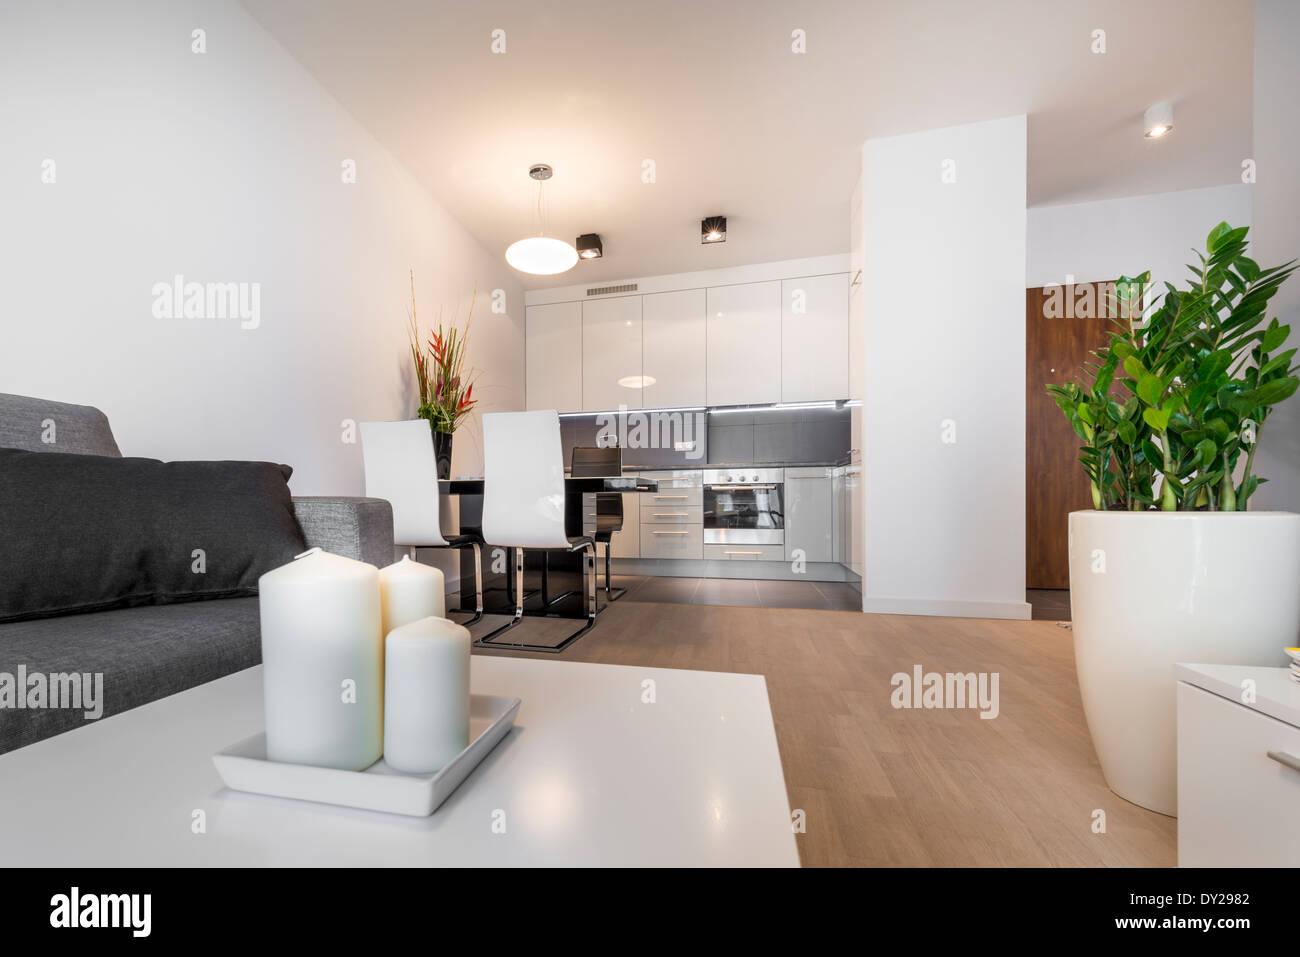 Moderne Luxus Wohnzimmer Interieurdesign mit Kerze Stockfoto ...